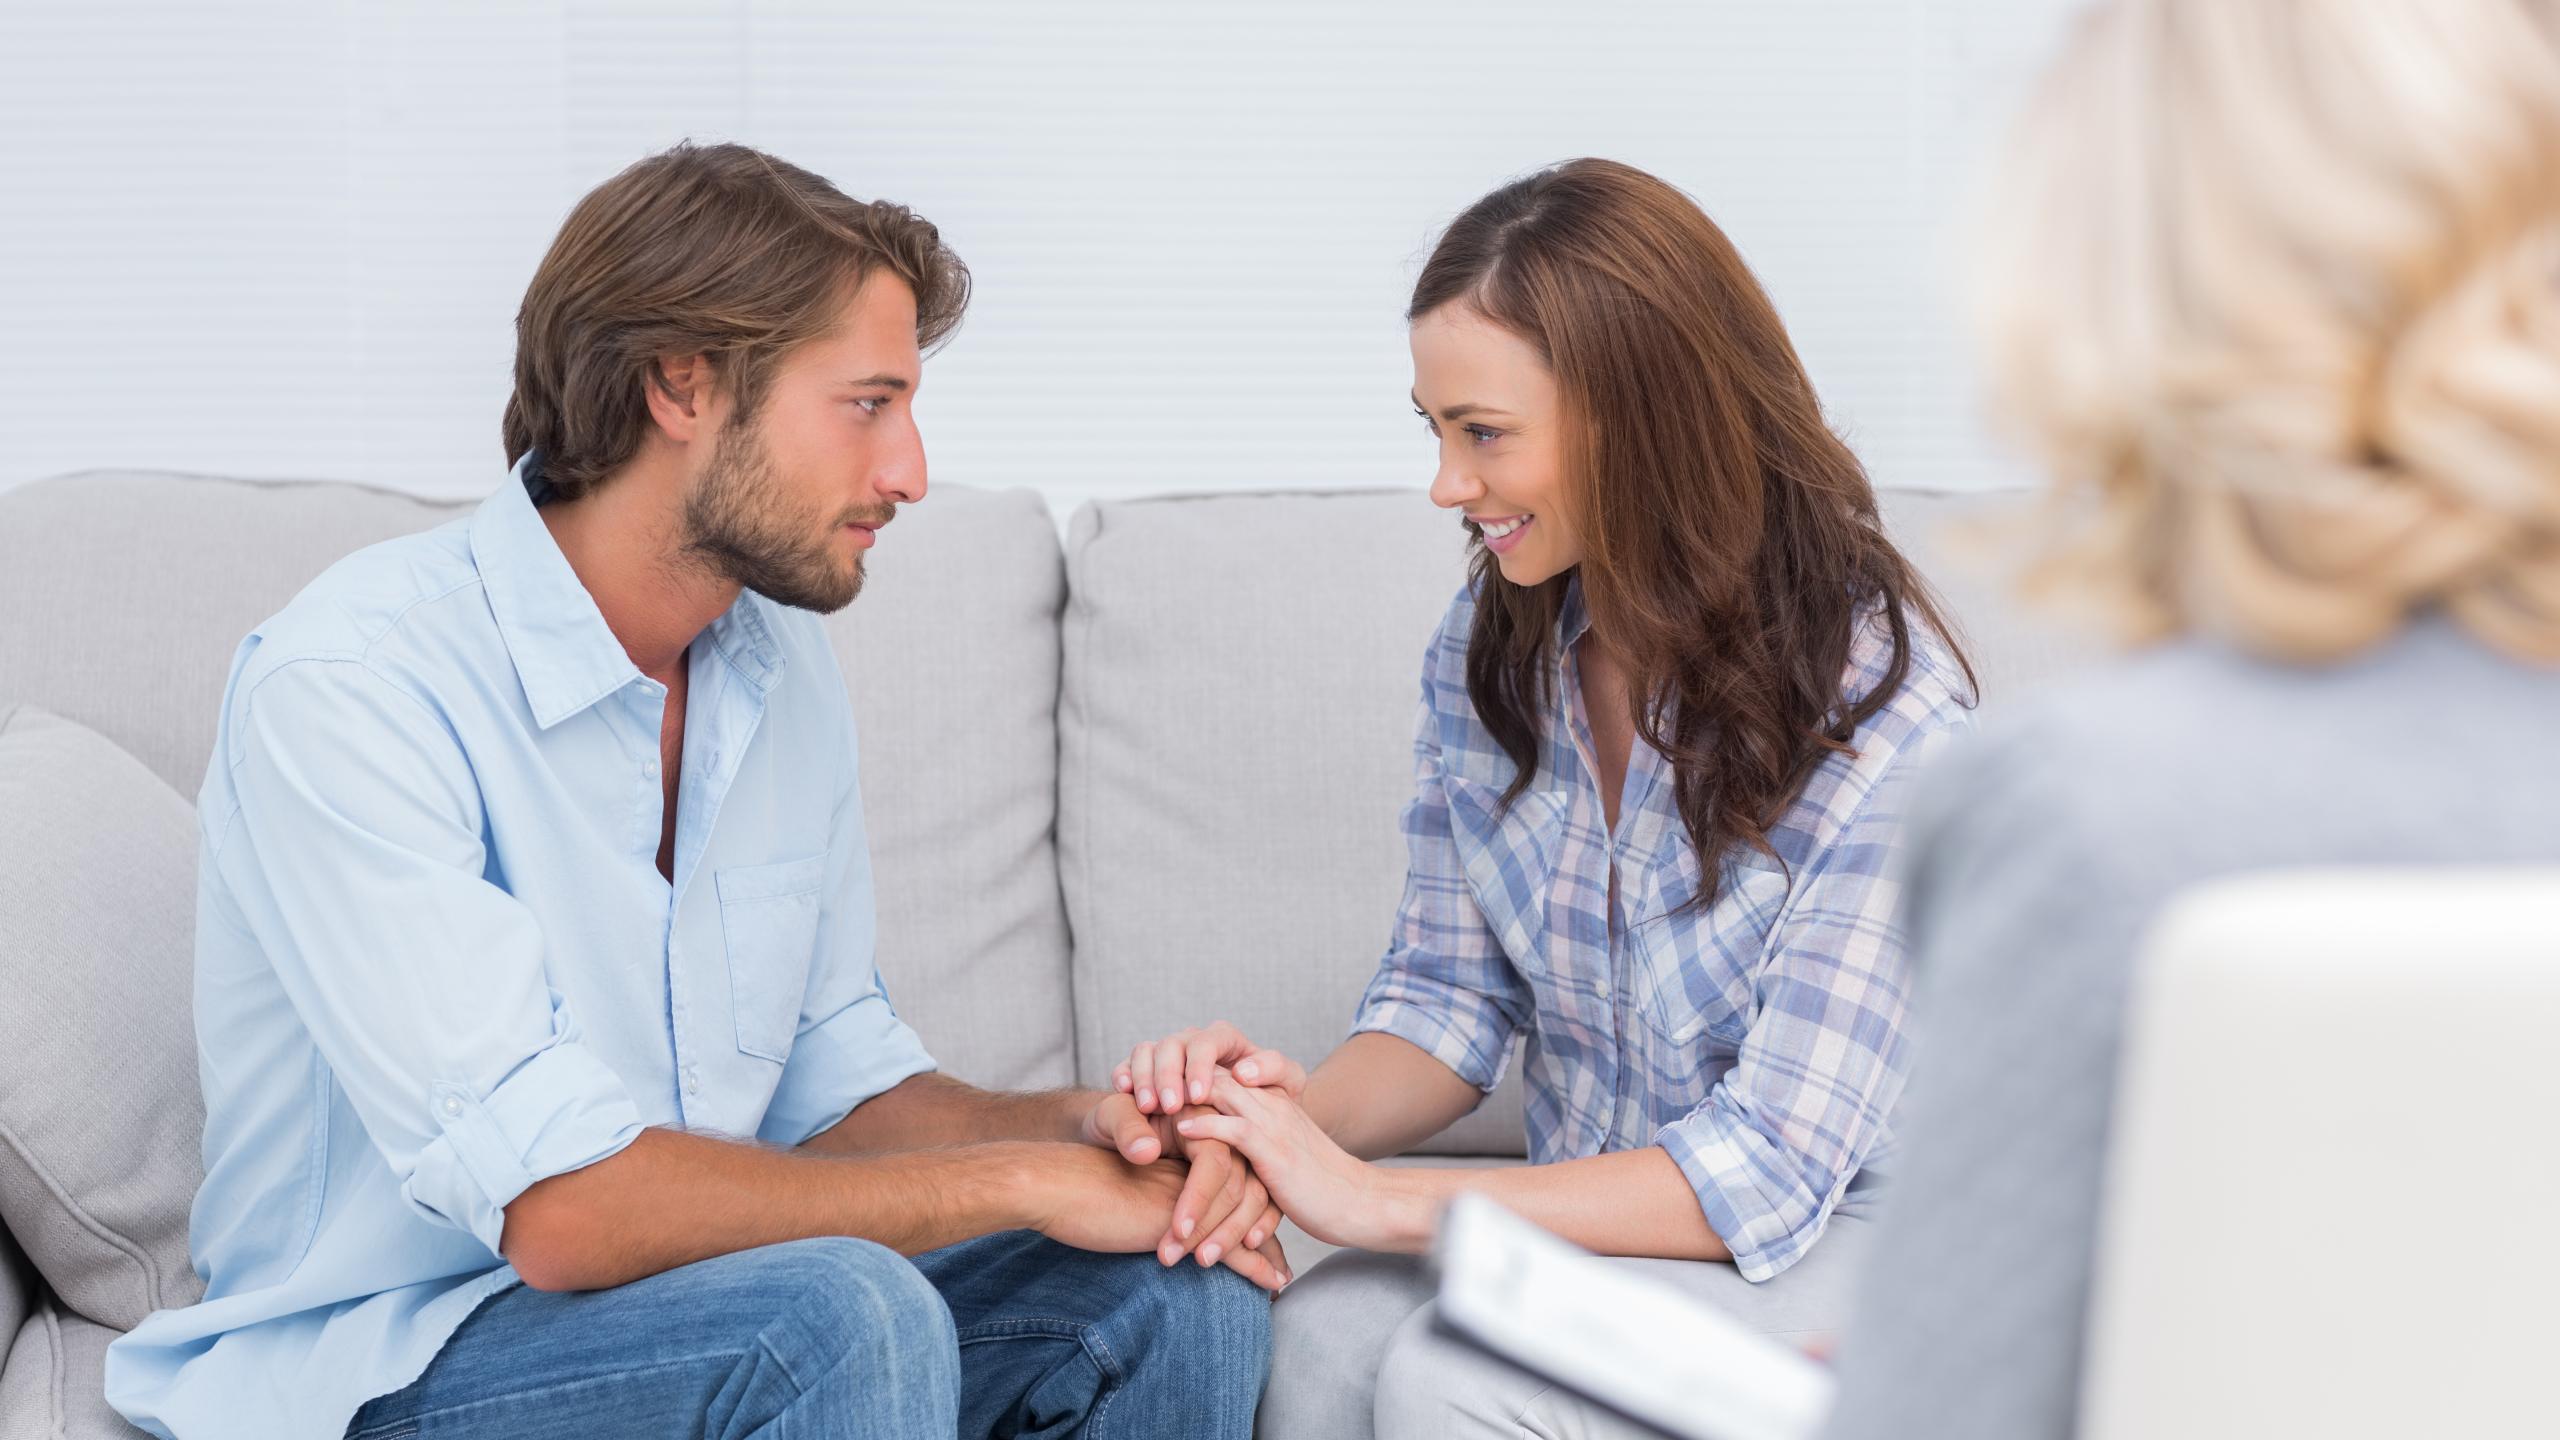 Решение конфликта третьей стороной повысило активность системы вознаграждения у пар